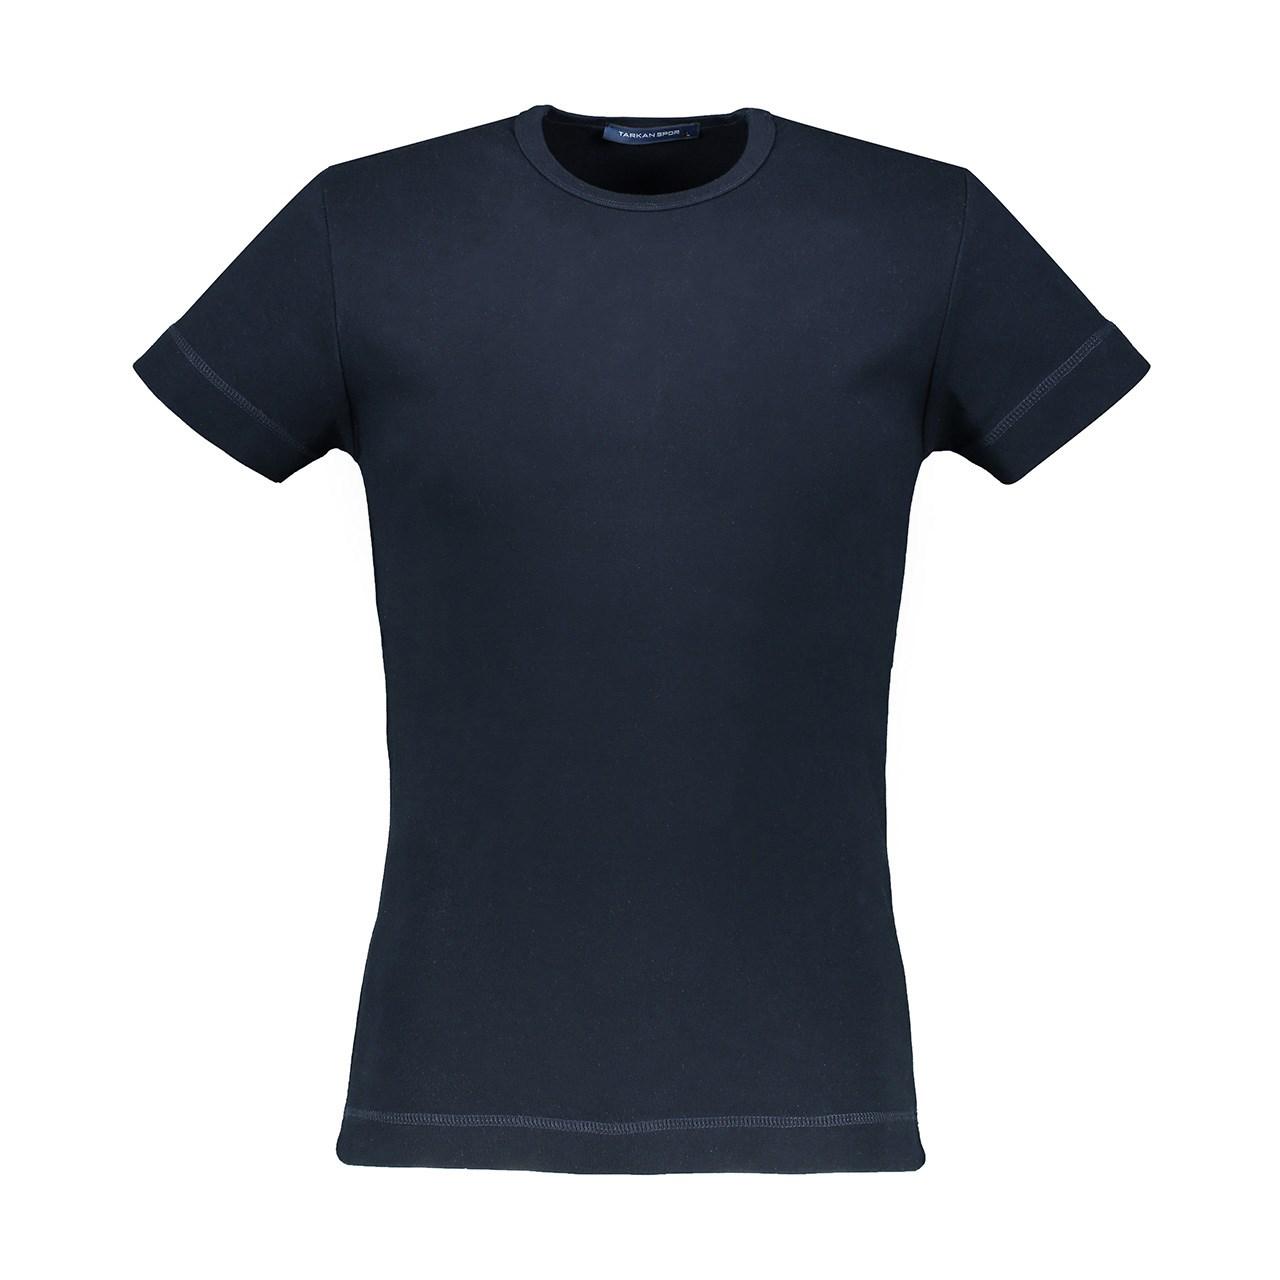 تی شرت آستین کوتاه مردانه تارکان کد 223-5